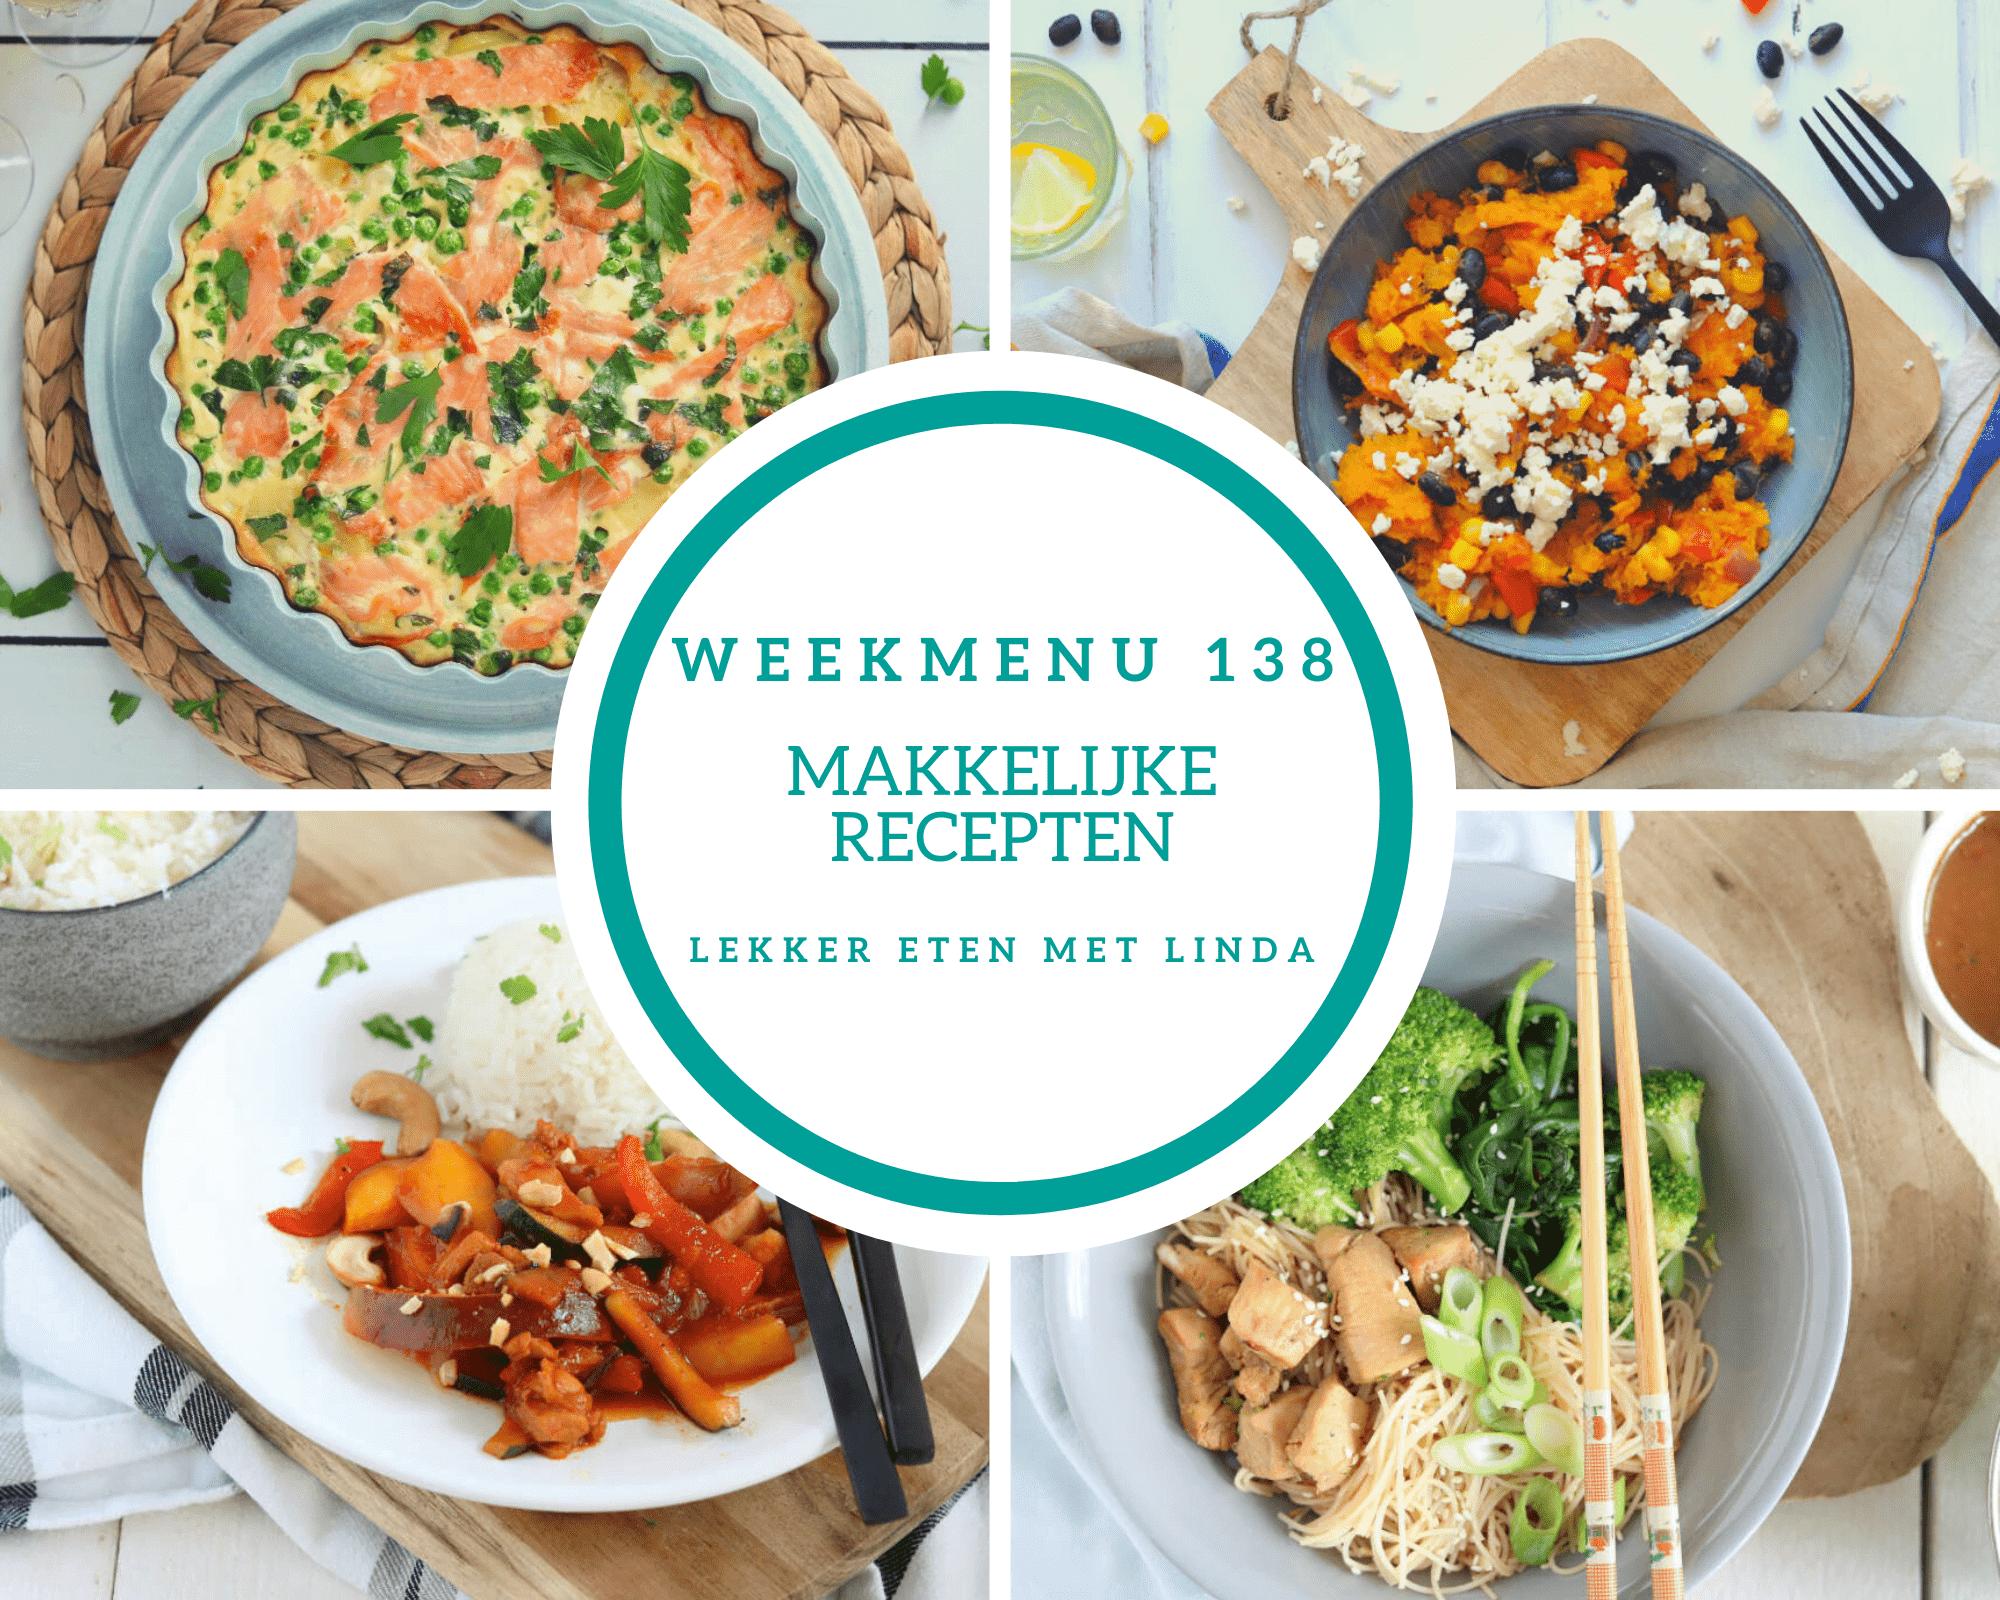 Weekmenu 138 met makkelijke recepten geschikt voor het hele gezin